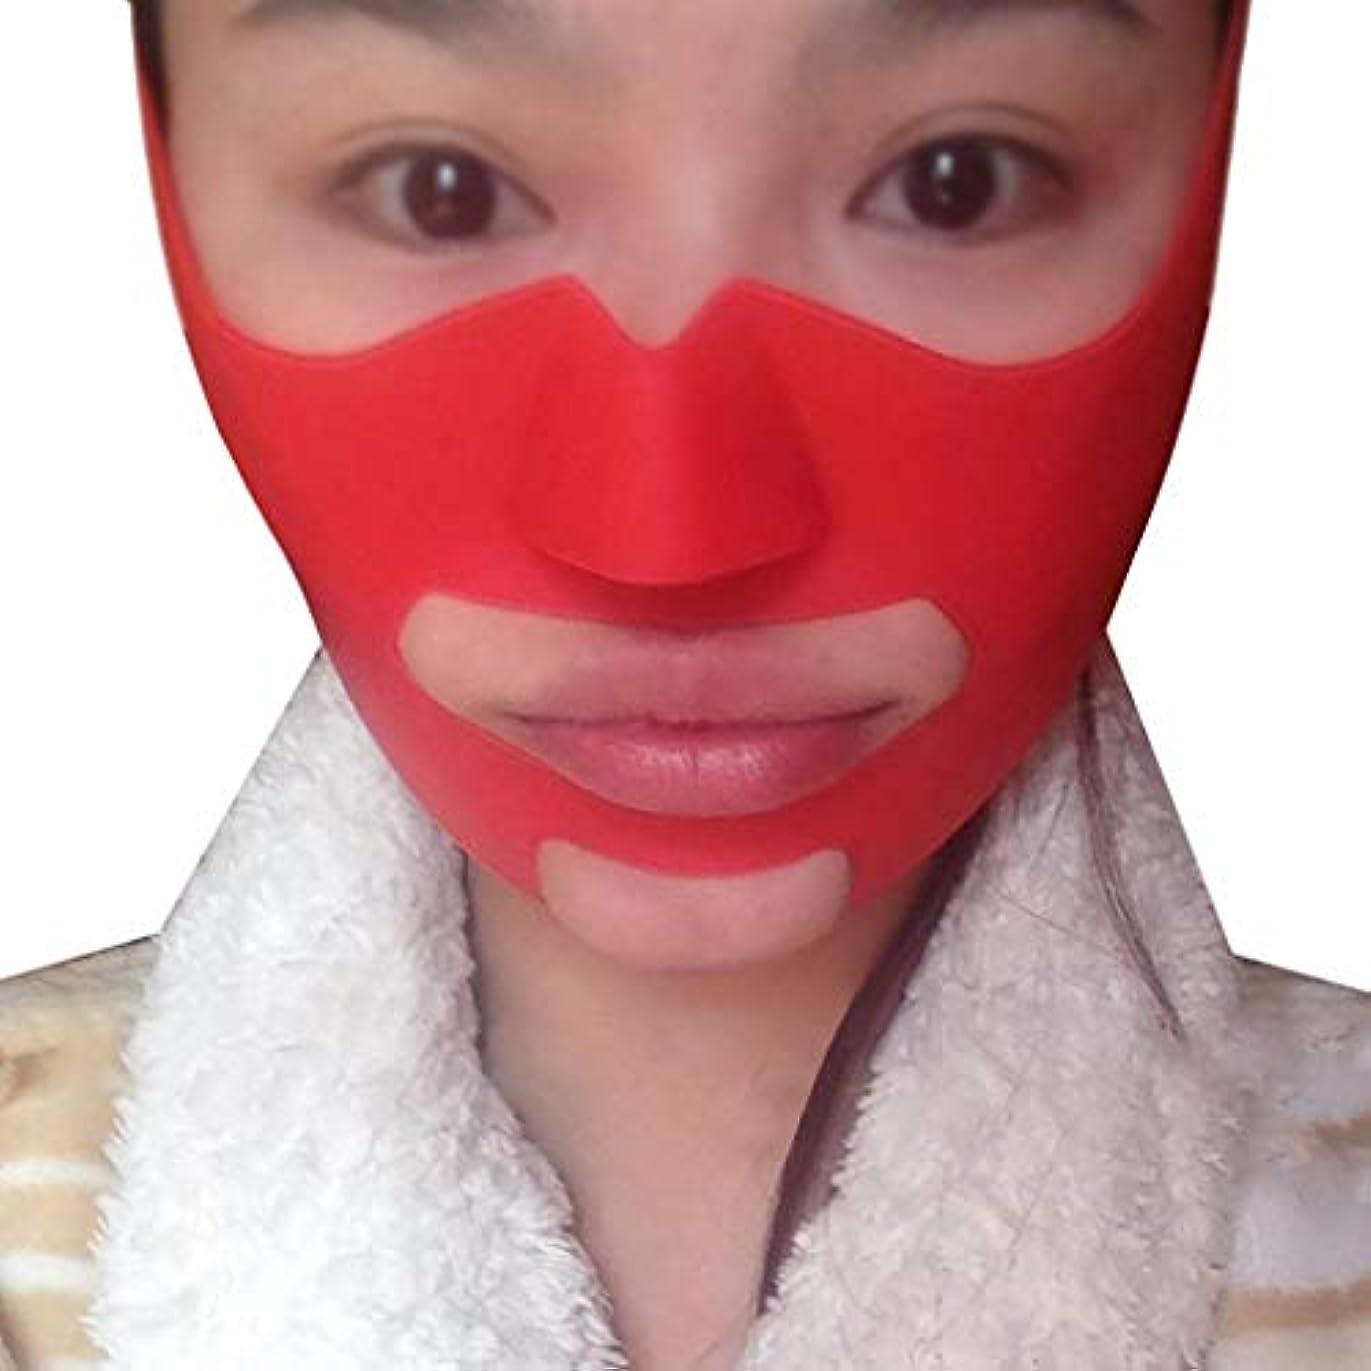 から聞く受け皿基本的なフェイスリフトマスク、シリコンVフェイスマスクフェイスマスク強力で細かい筋肉マッスルリフトアップルマッスルを命令するパターンアーティファクト小さなVフェイス包帯フェイスとネックリフト